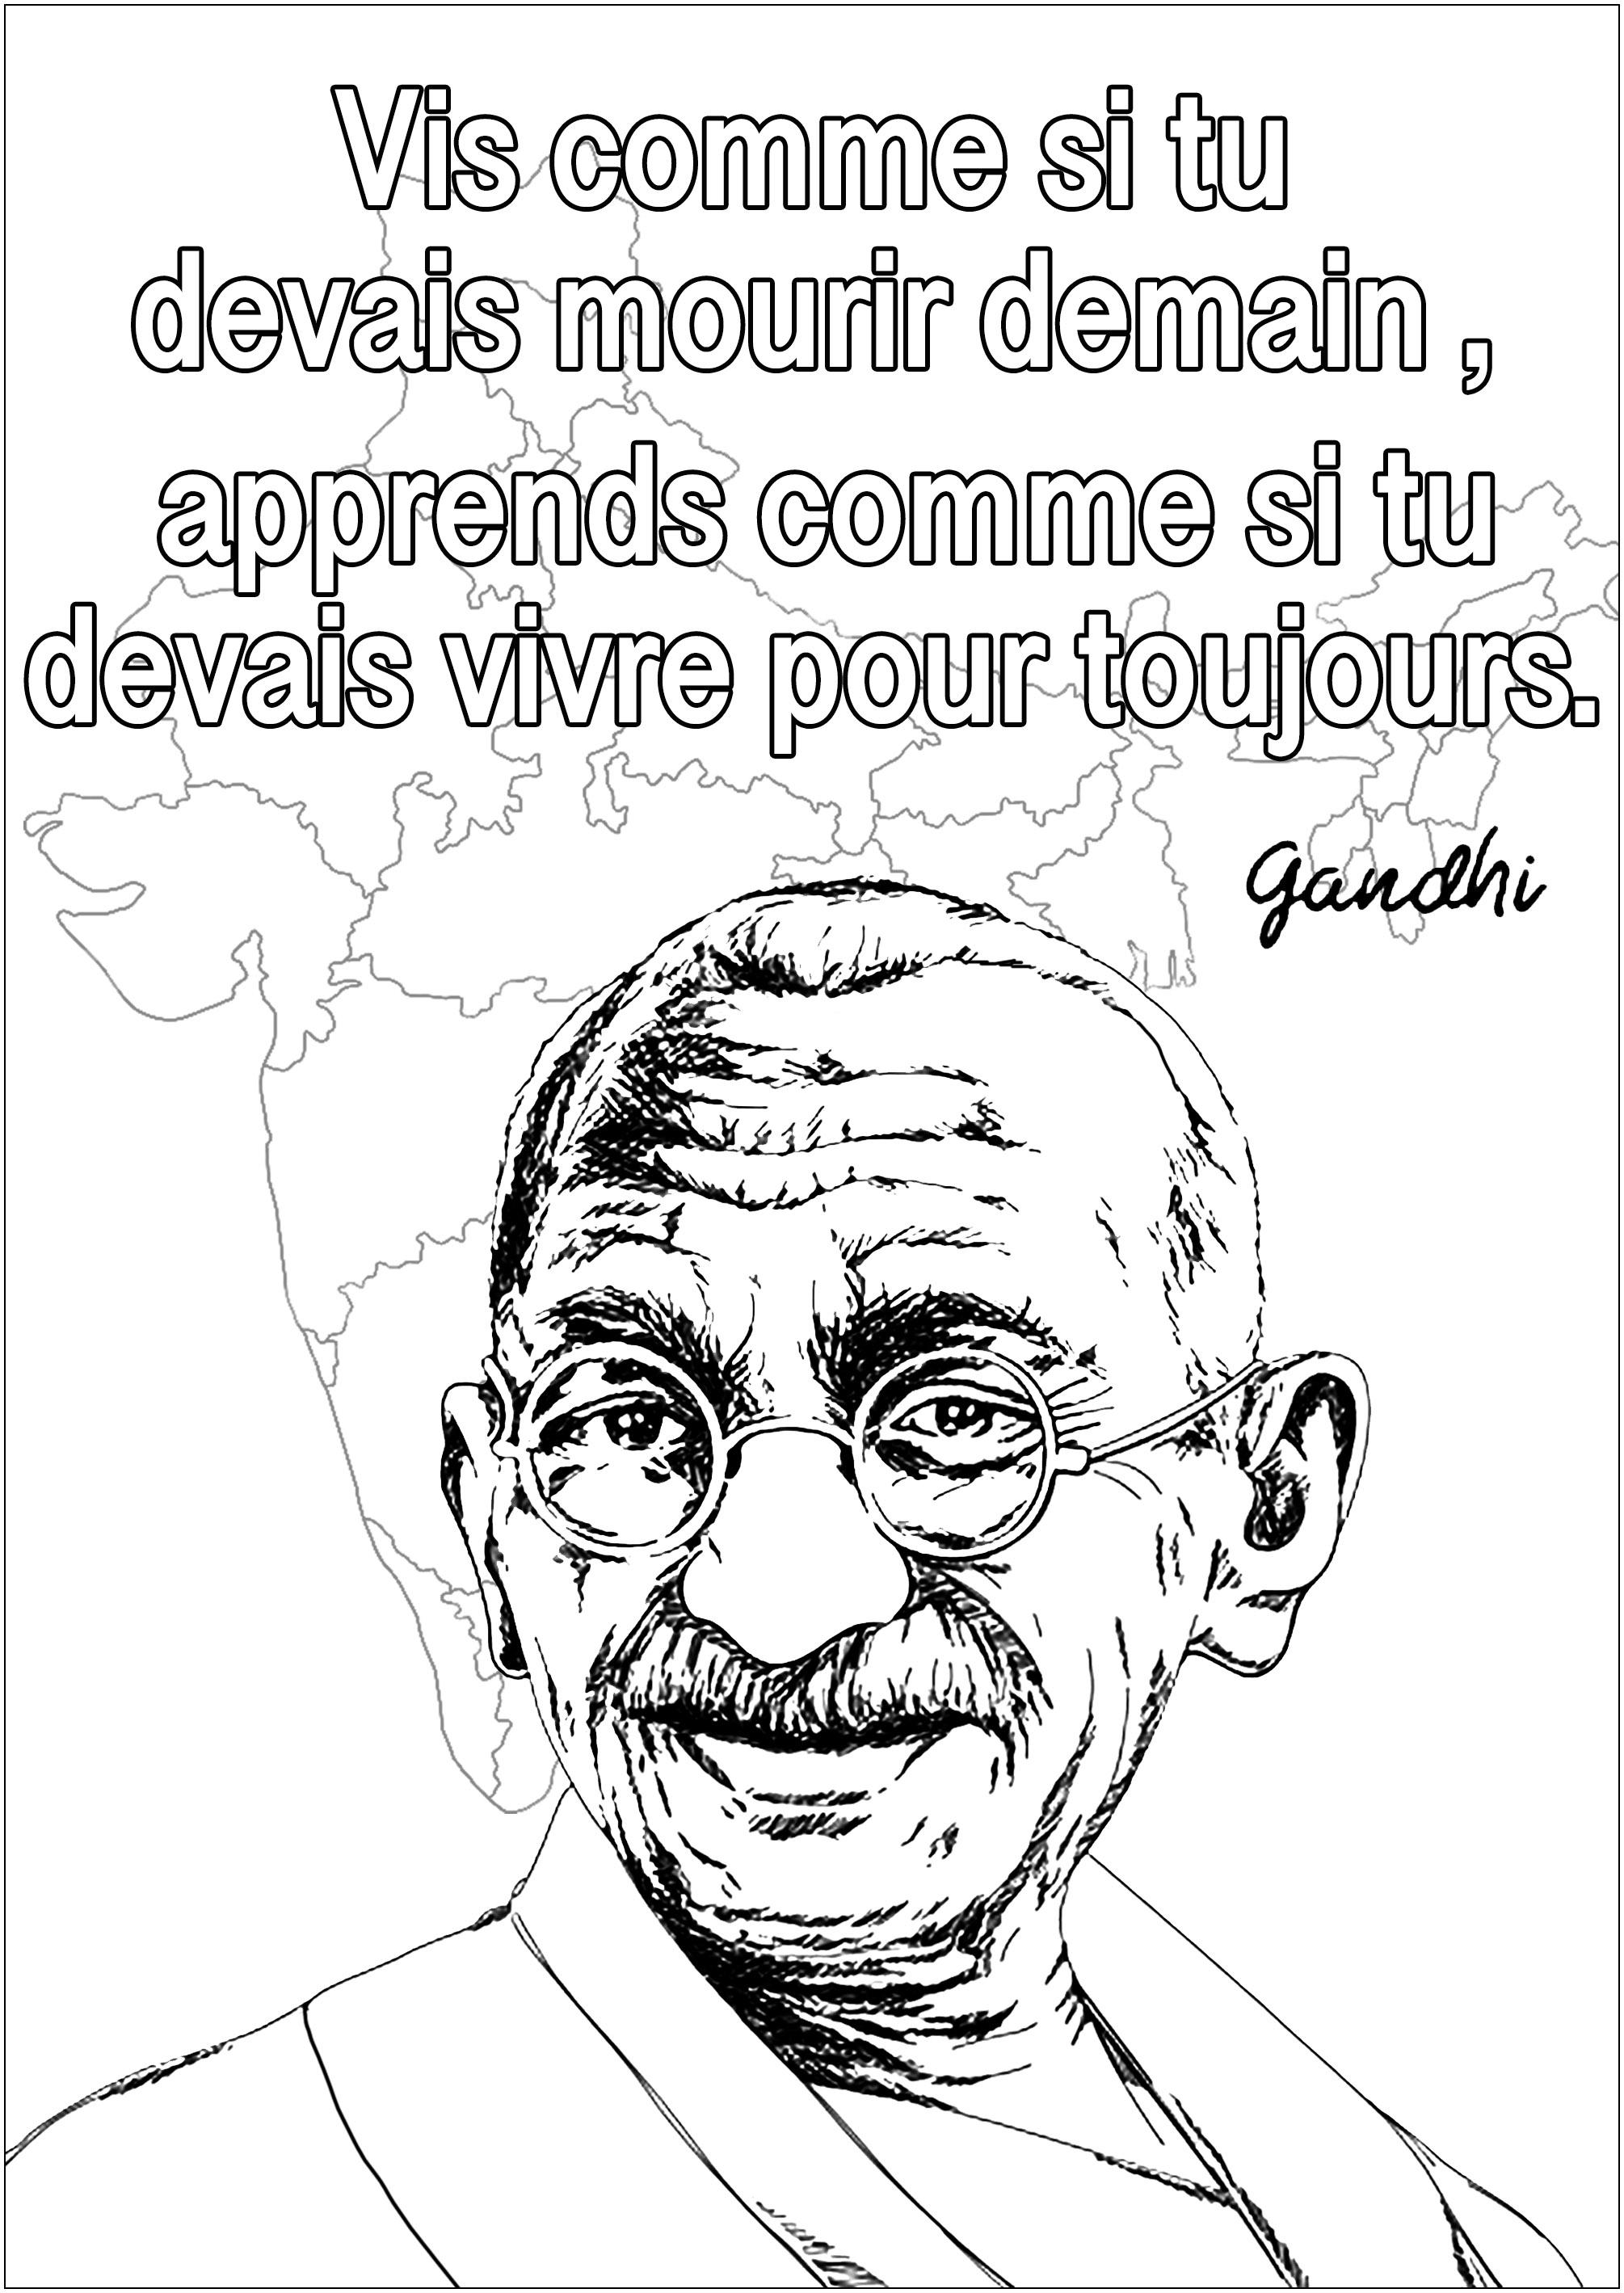 Coloriage d'un portrait de Gandhi avec une de ses citations : 'Vis comme si tu devais mourir demain. Apprends comme si tu devais vivre toujours. '